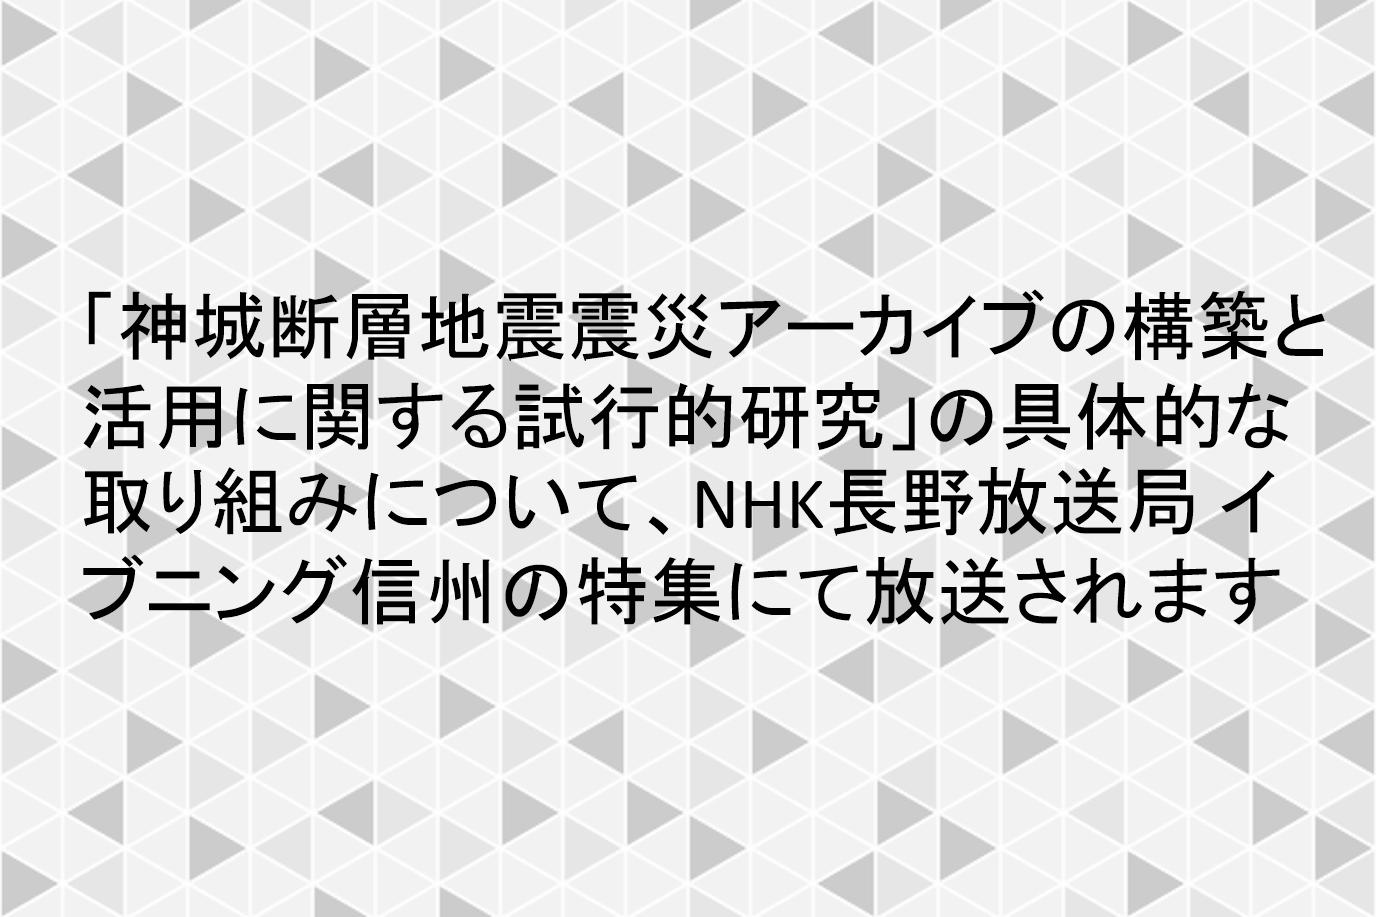 「神城断層地震震災アーカイブの構築と活用に関する試行的研究」の具体的な取り組みについて、NHK長野放送局 イブニング信州の特集にて放送されます